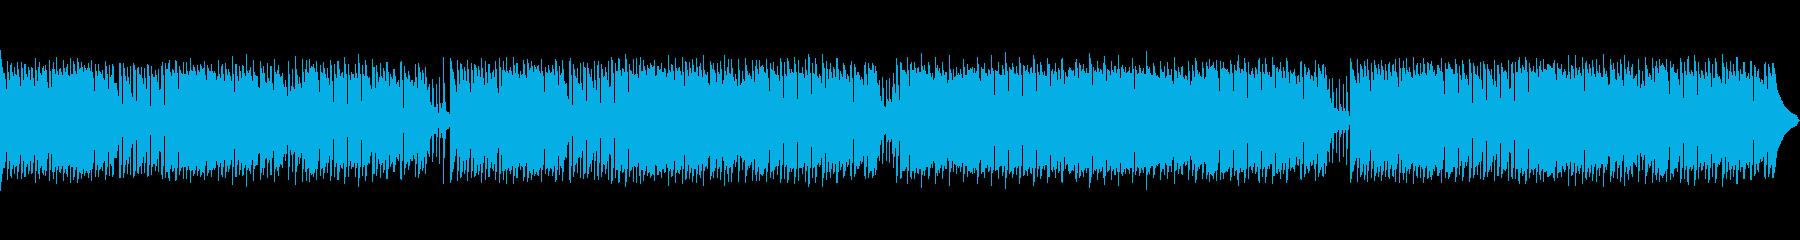 まったりほのぼのとしたポップスの再生済みの波形